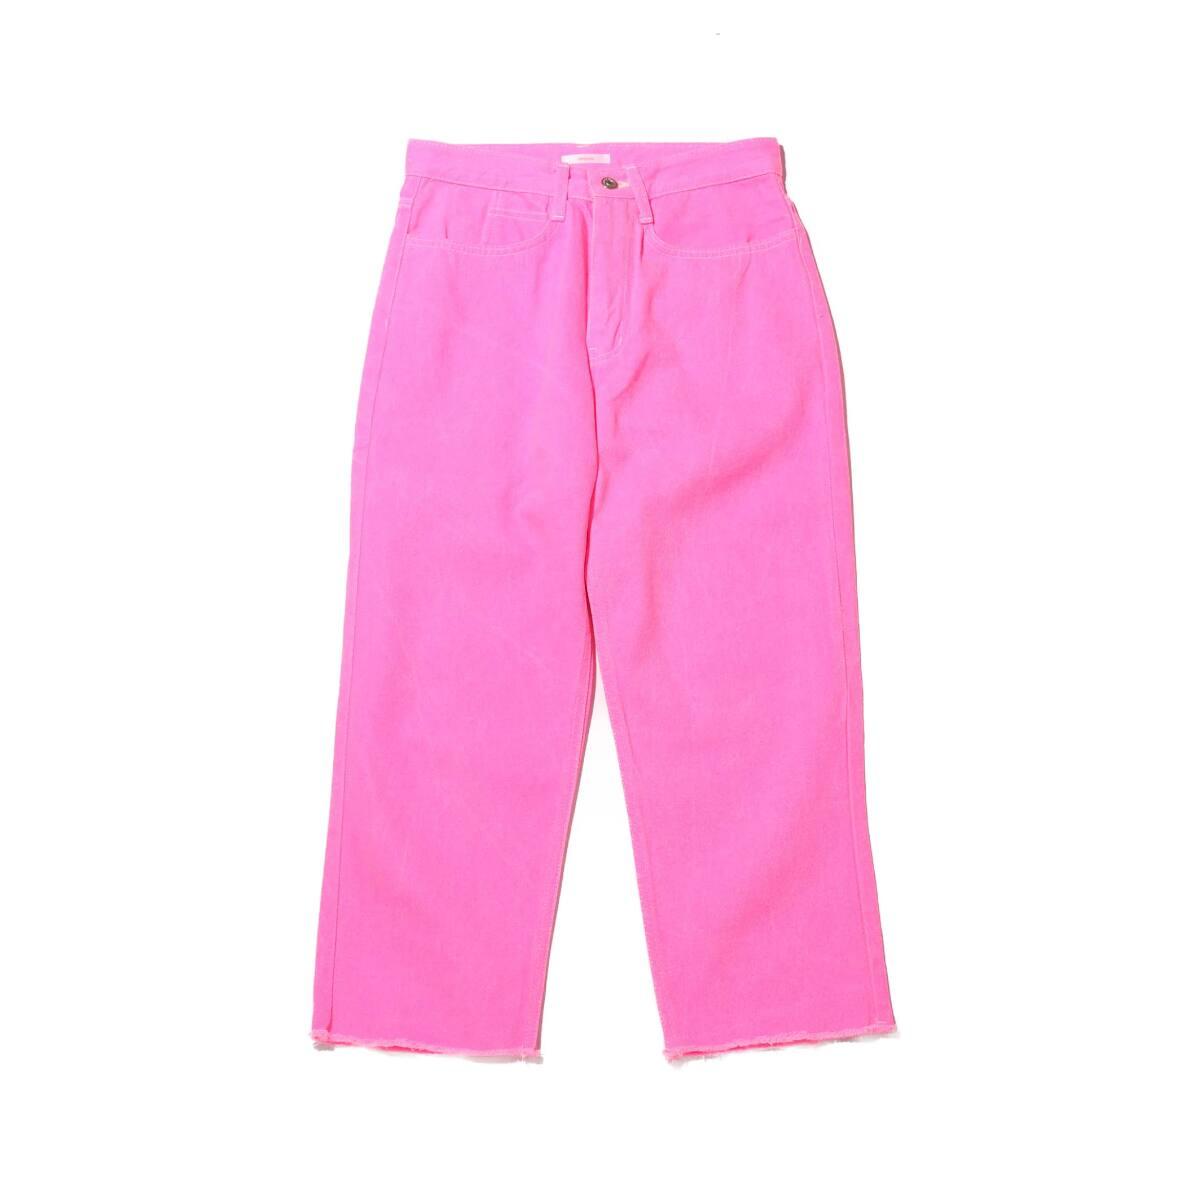 atmos pink ビビットカラー デニムパンツ PINK 20SP-I_photo_large